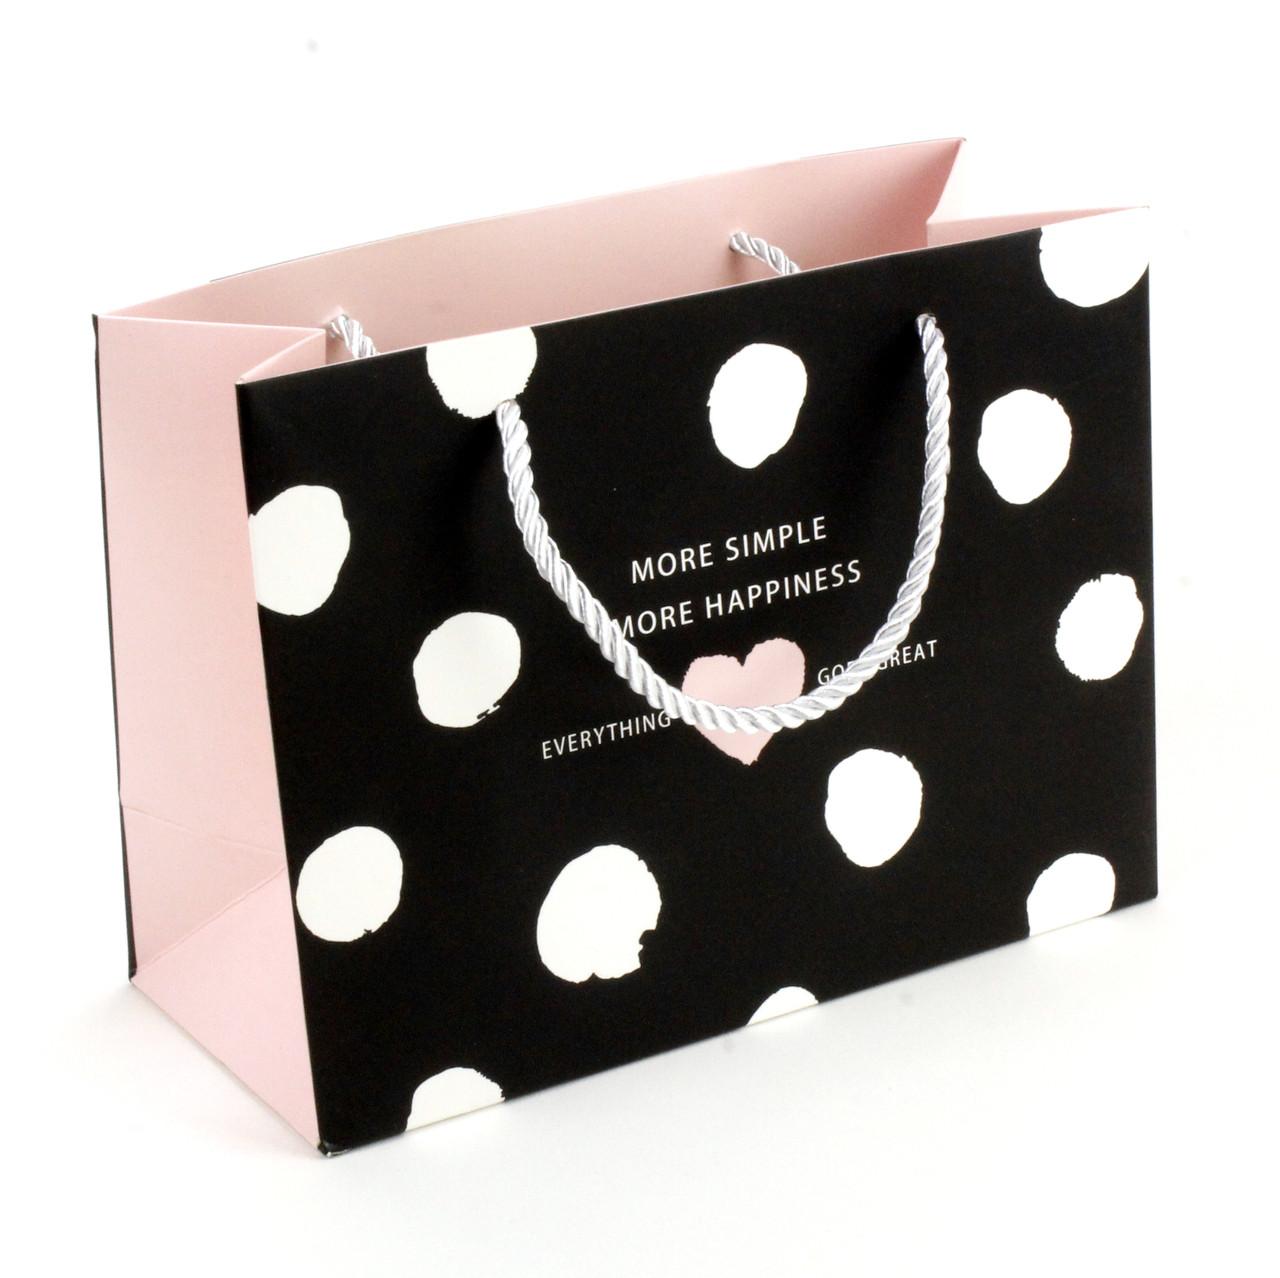 Подарочный пакет 19.5 х 14.5 х 8.5 см More simple More happiness черный